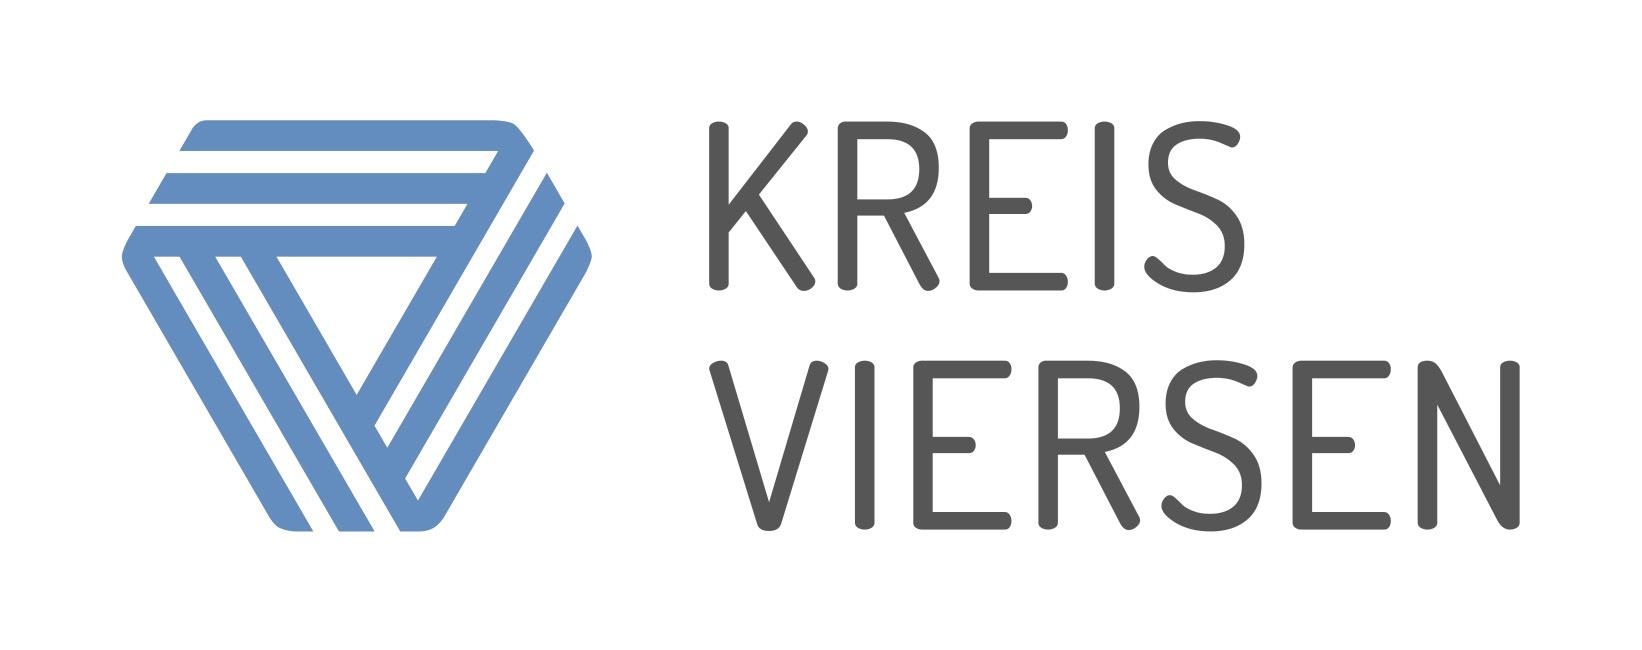 Signet_Kreis_Viersen_4c_139x55mm.jpg